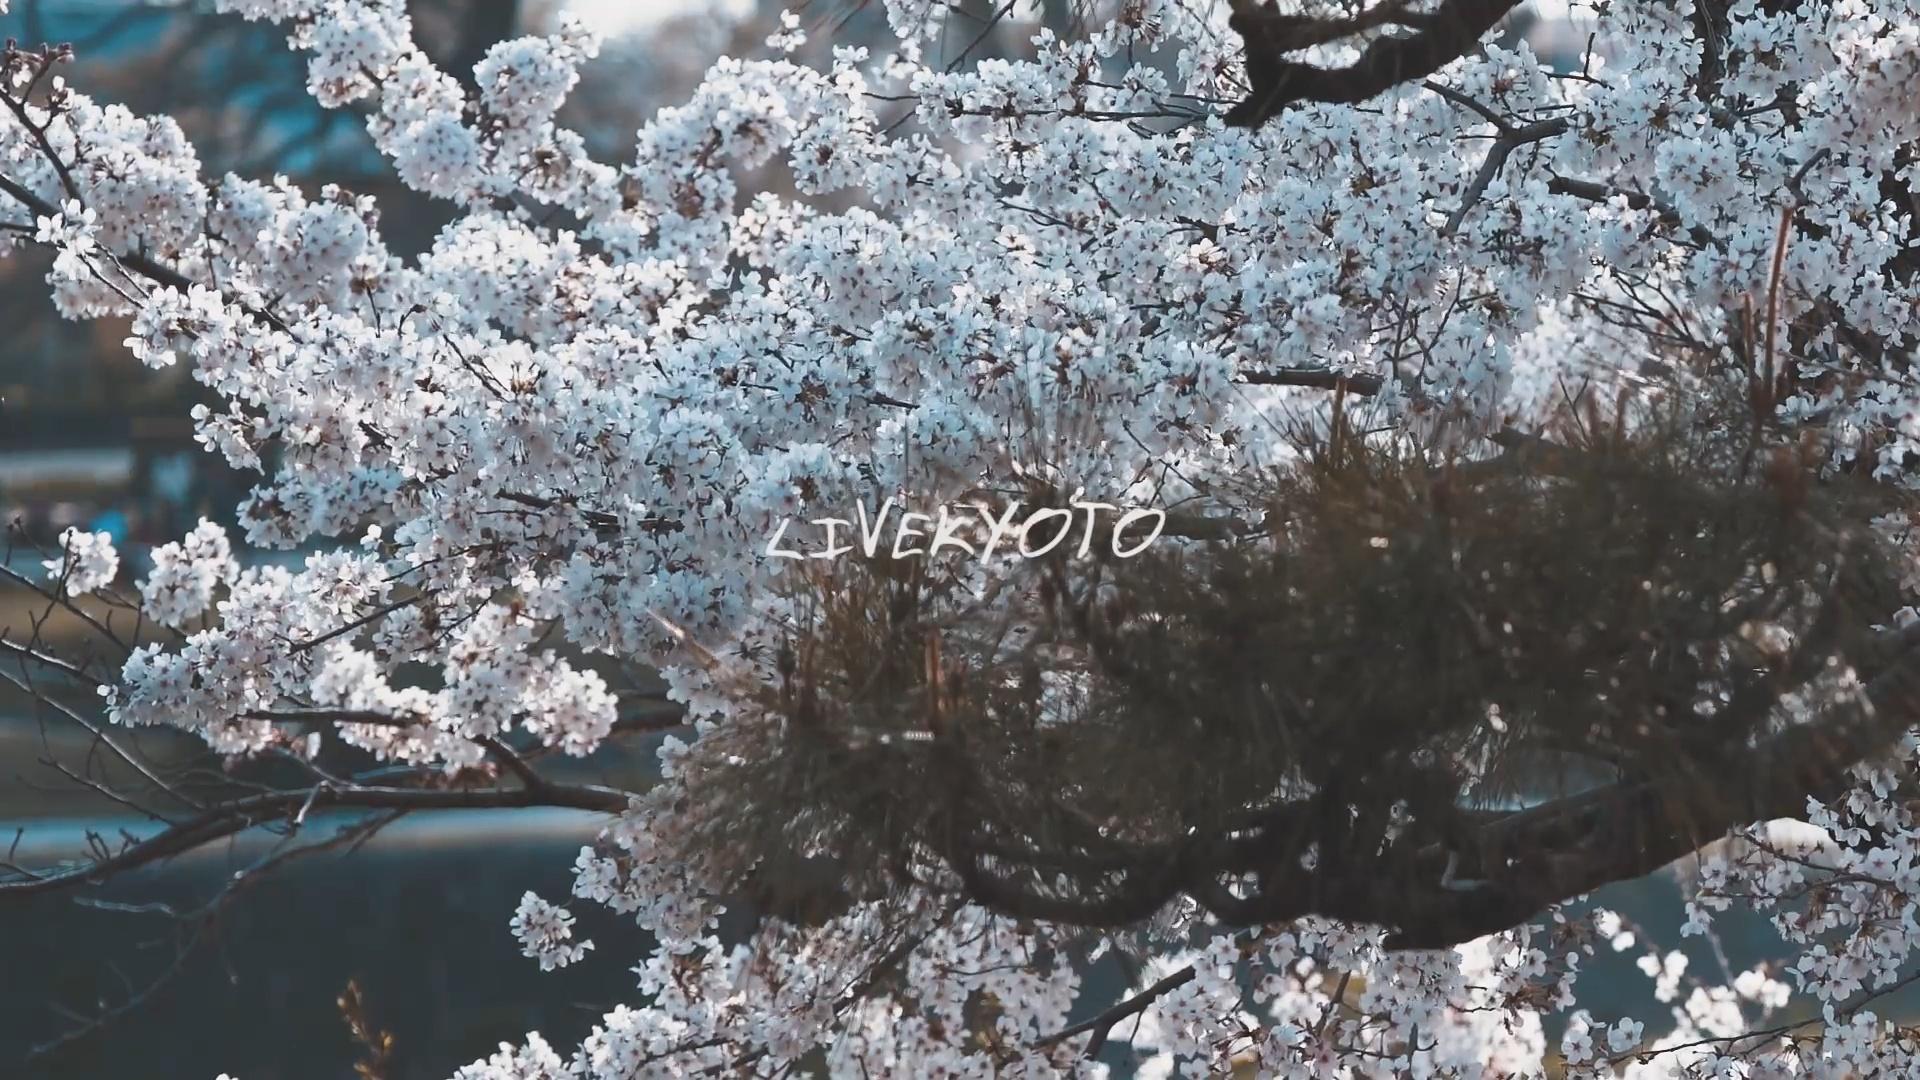 さくらさくら〜花〜いぞみ(Japanese Guitar 春メドレー)[LIVEKYOTO]